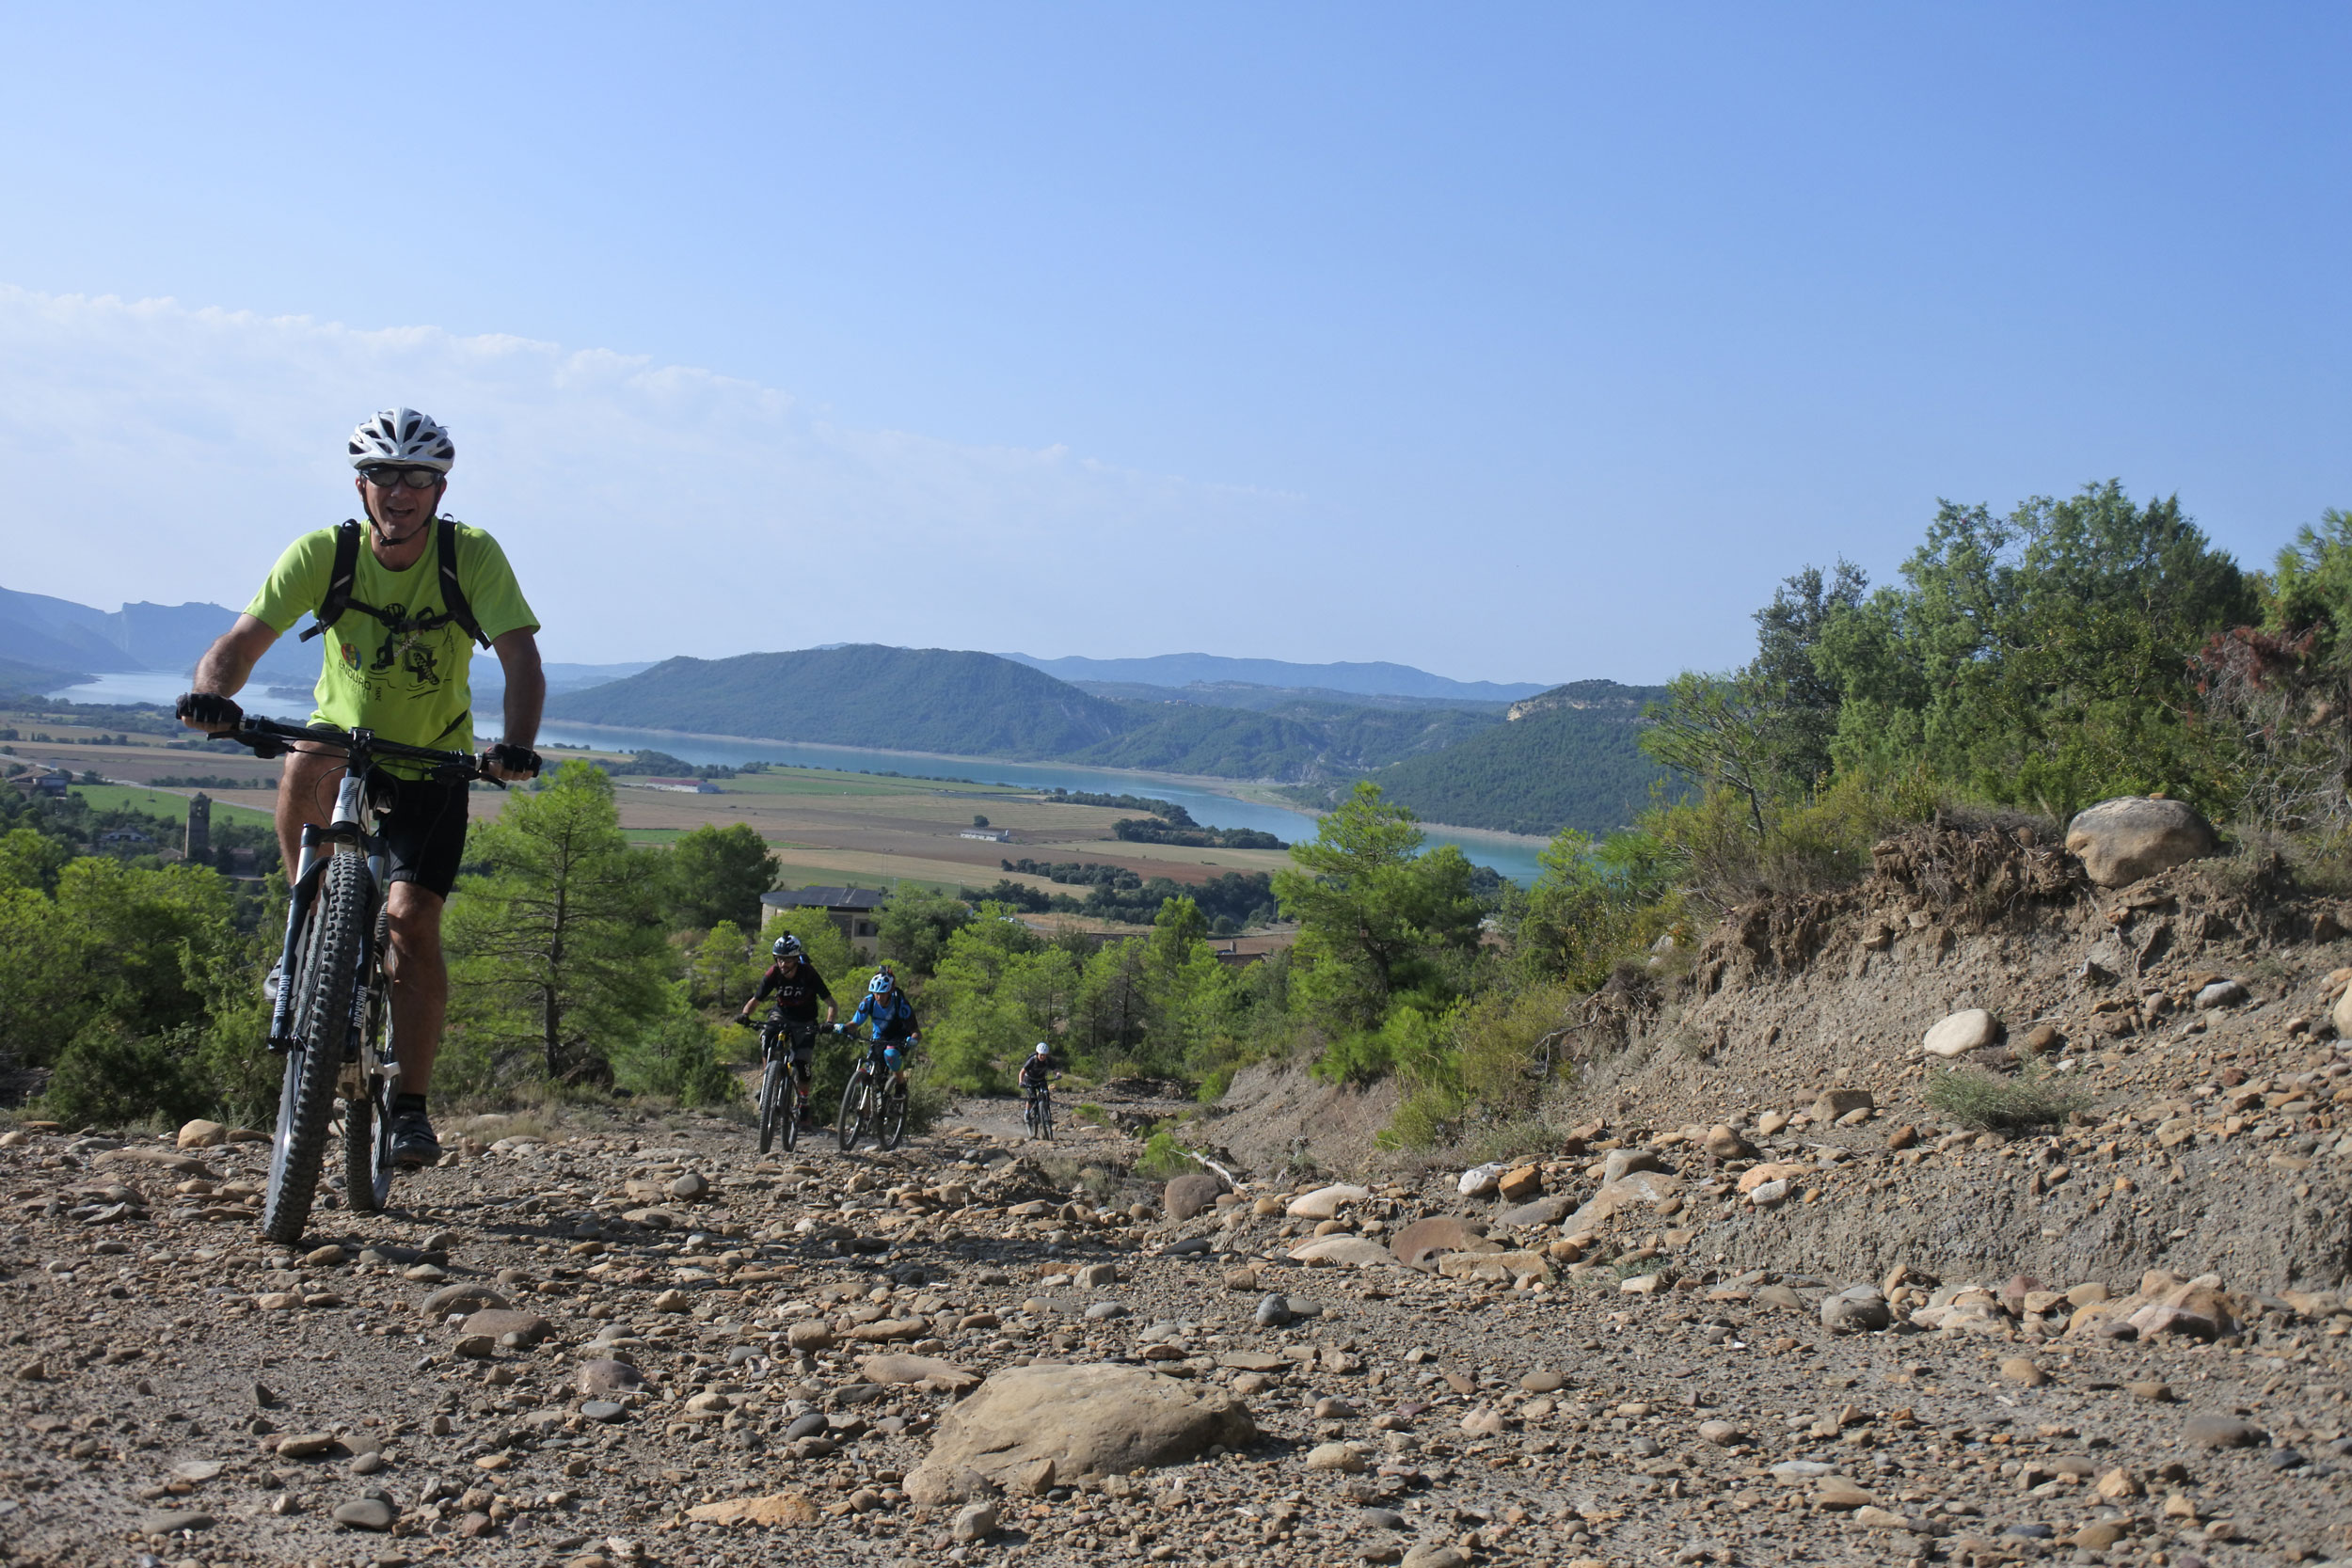 unbeaten-adventures-mountain-biking-pyrenees-zona-zero-ainsa-tony-bosque-de-usana.jpg